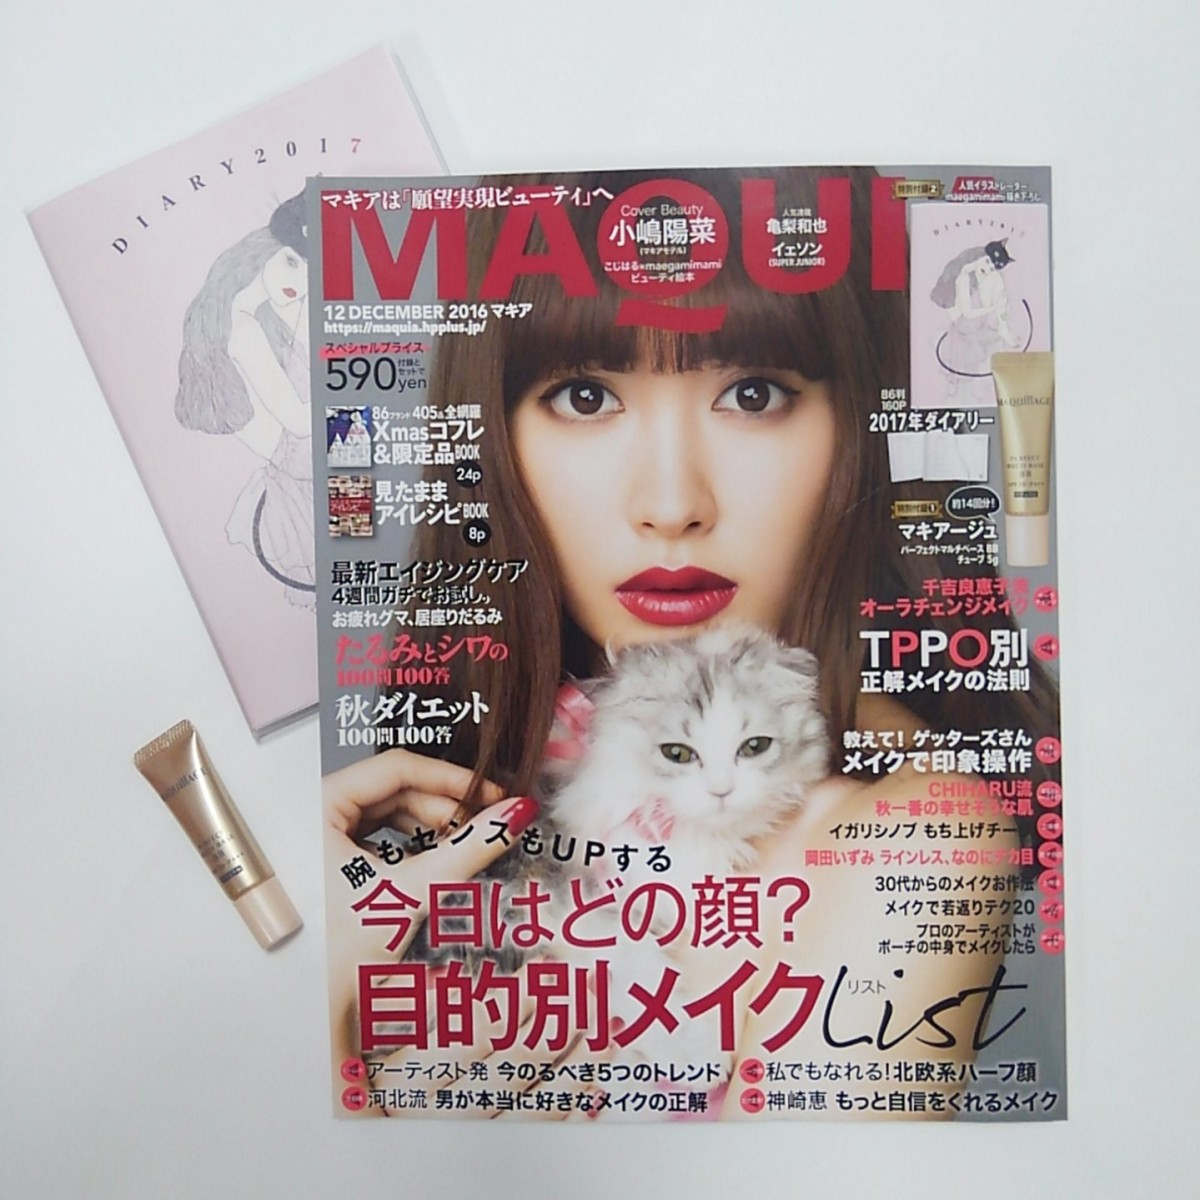 ◆《MAQUIA12月号発売》ホリデーシーズンに向けて更にブラッシュアップ!目的別メイクで毎日最高の自分に♡◆